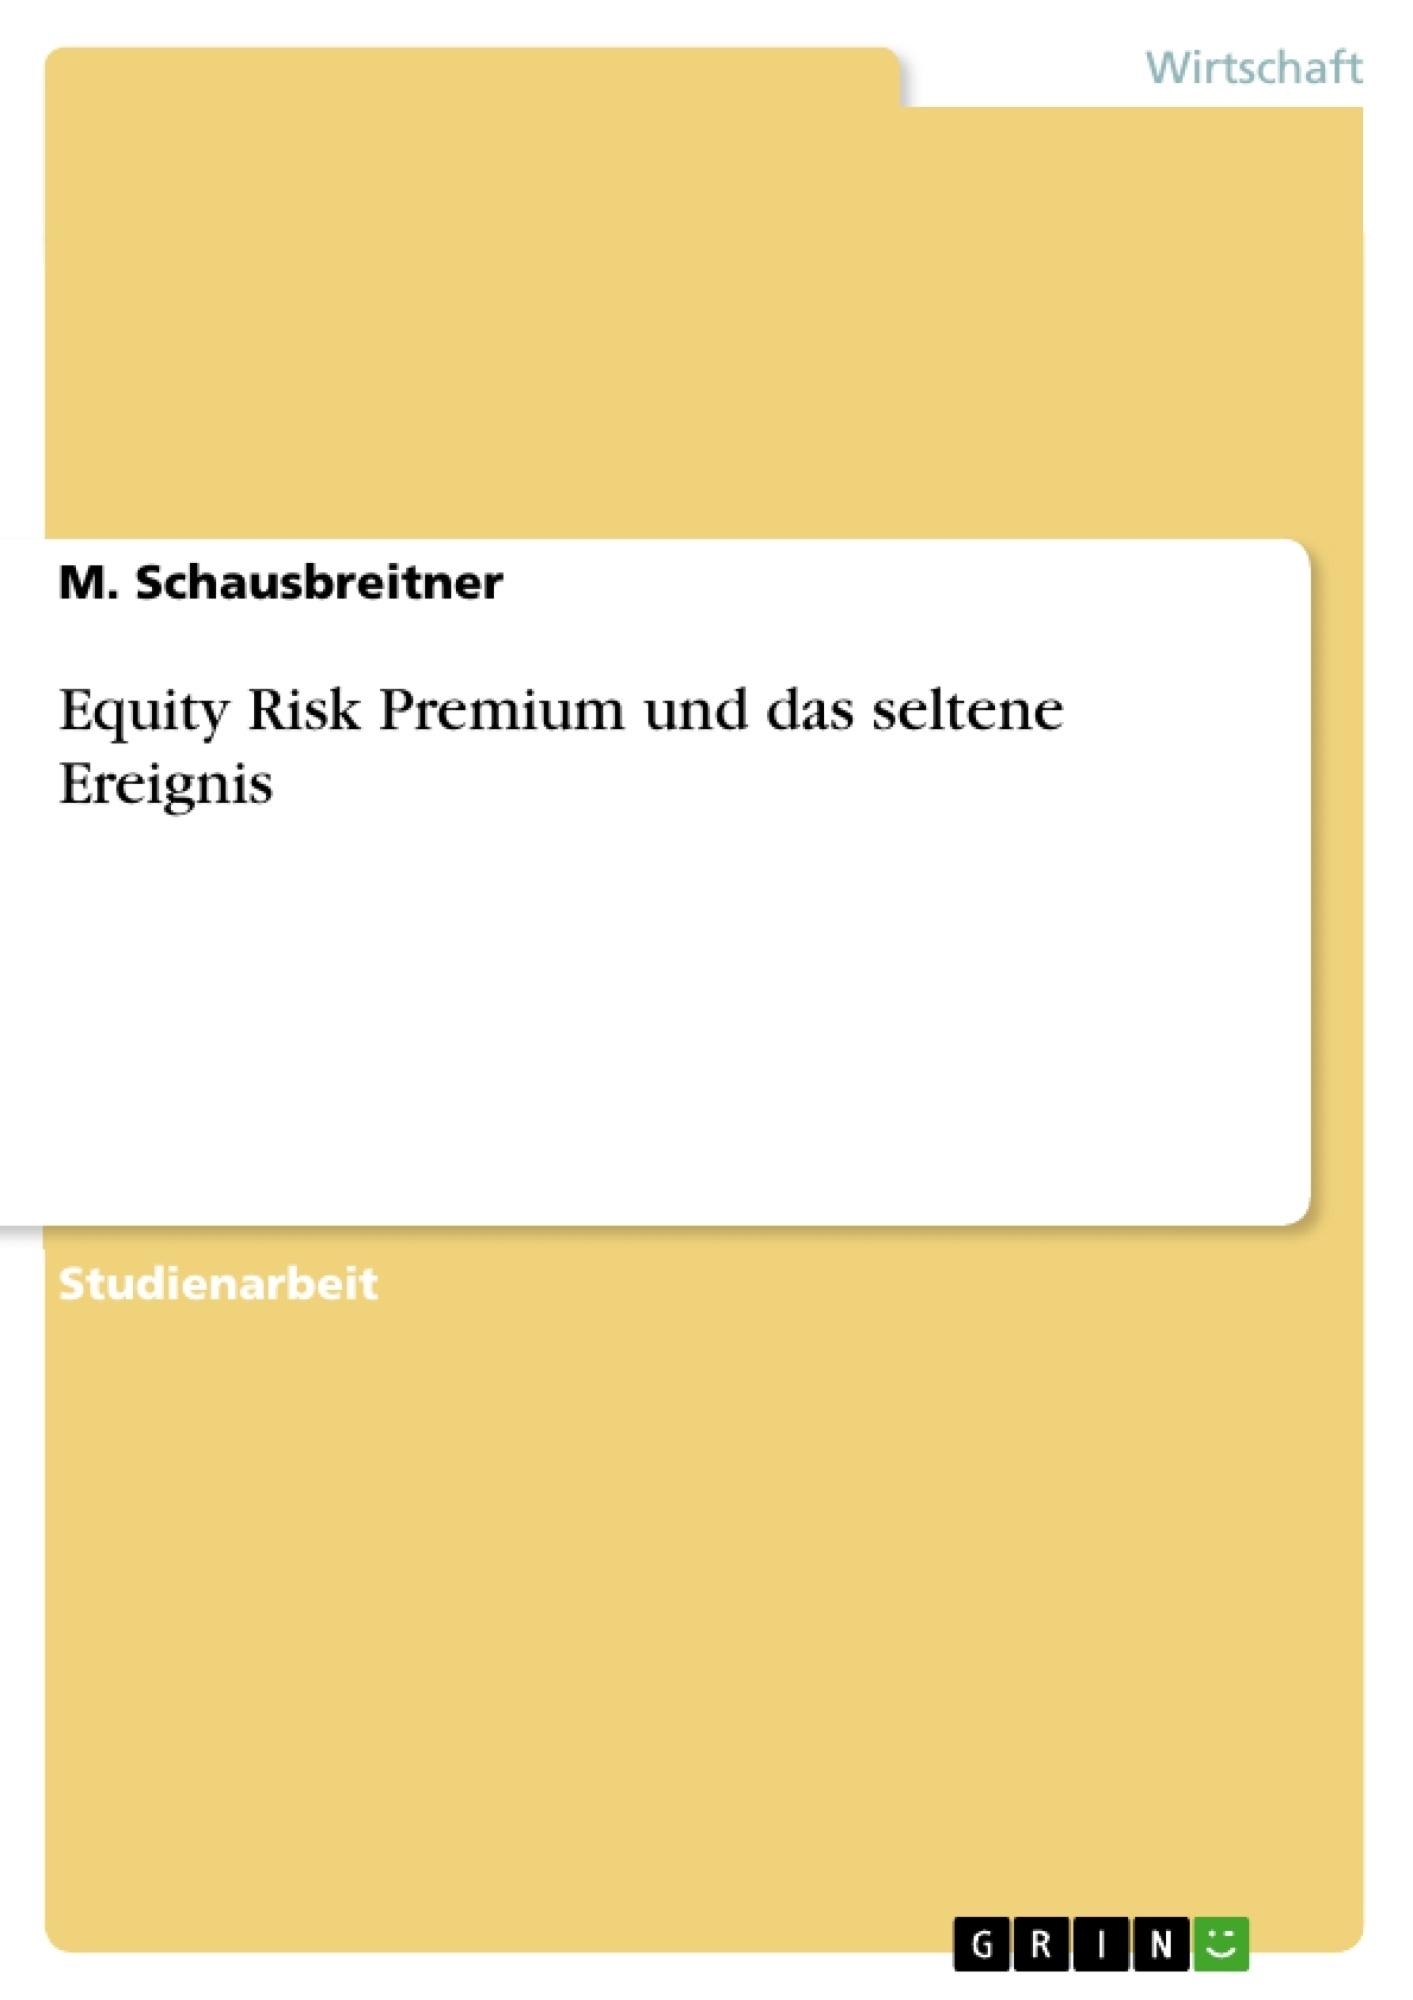 Titel: Equity Risk Premium und das seltene Ereignis